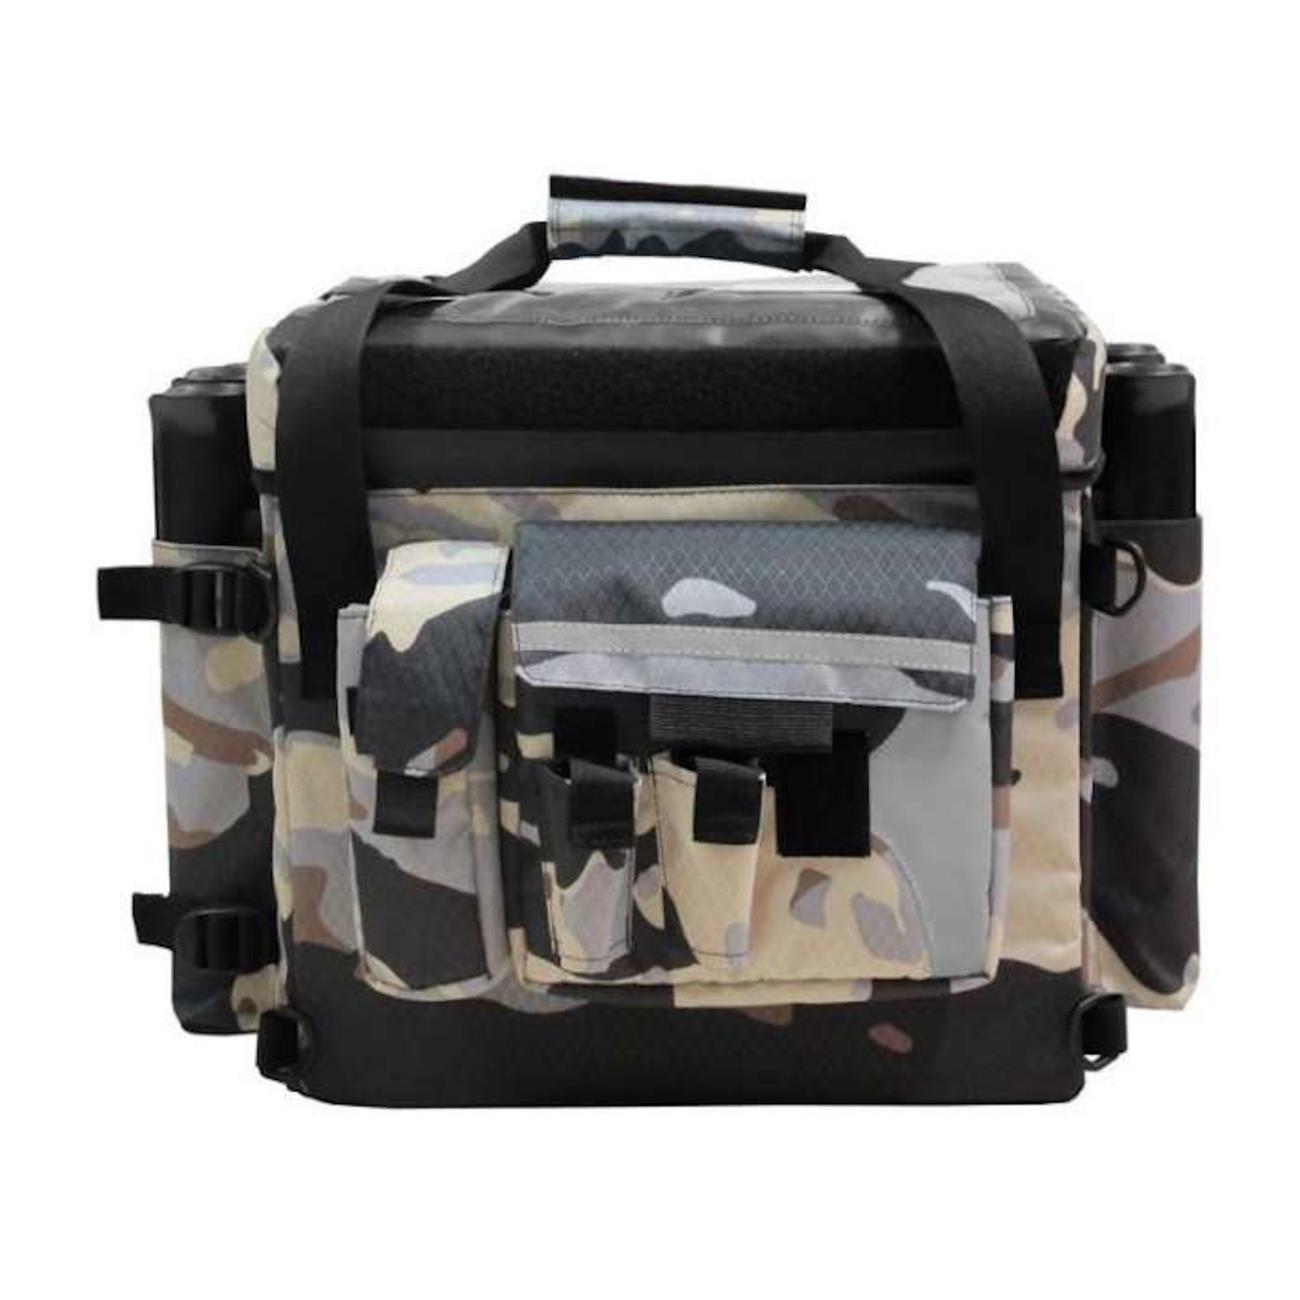 https://feelfreekayak.eu/933-small_default/crate-bag-blue-camo.jpg